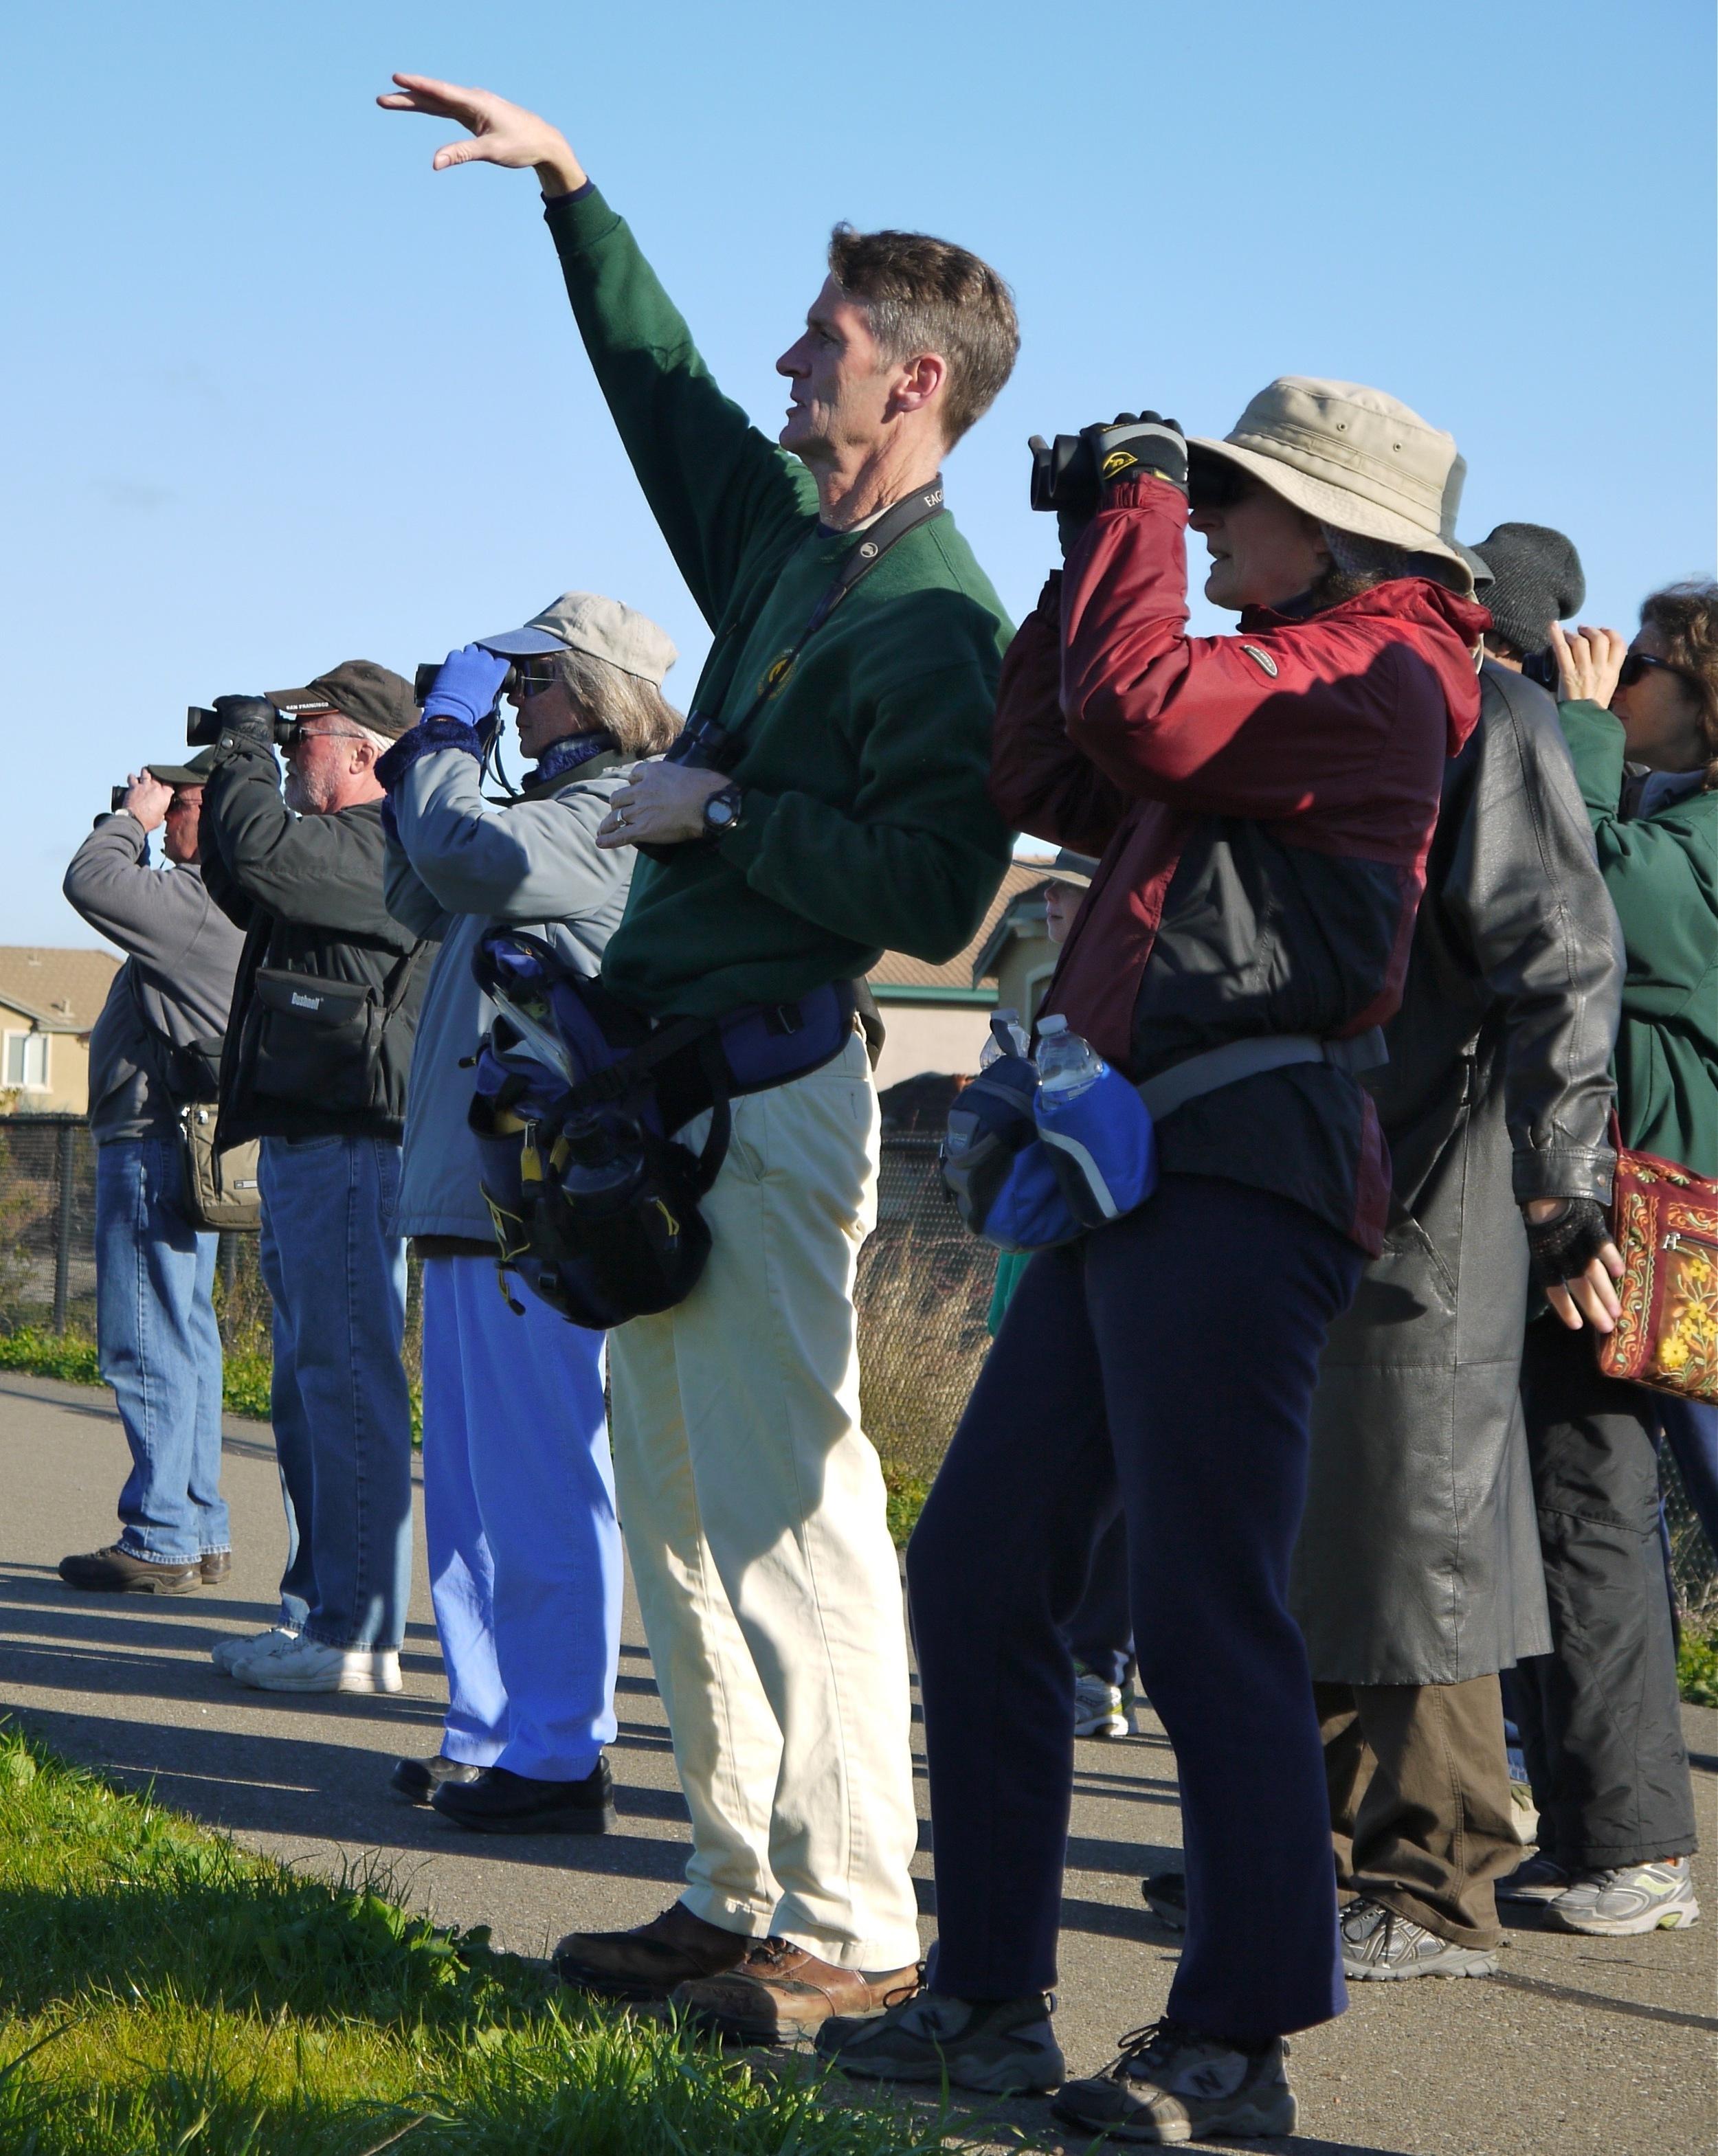 Mike Moran leads a Raptor Baseline expedition at Big Break Regional Shoreline.